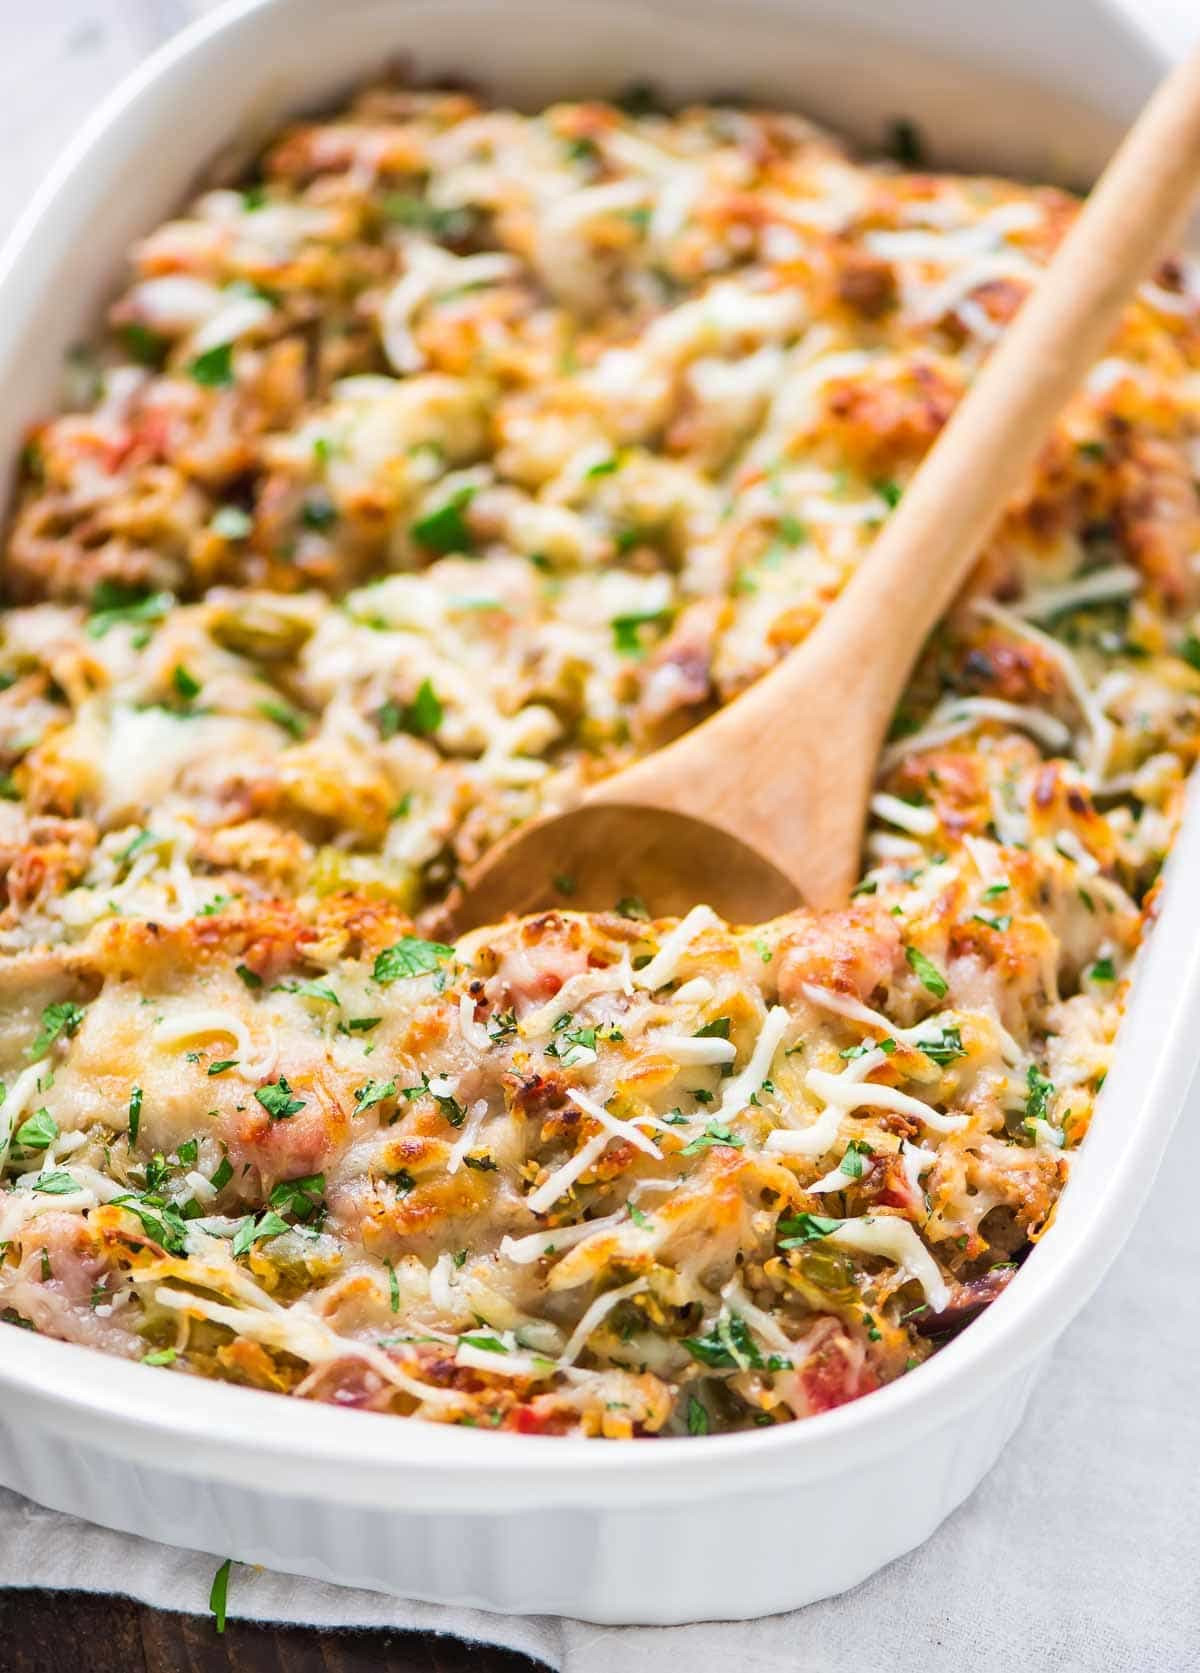 Easy Healthy Casseroles  Spaghetti Squash Casserole